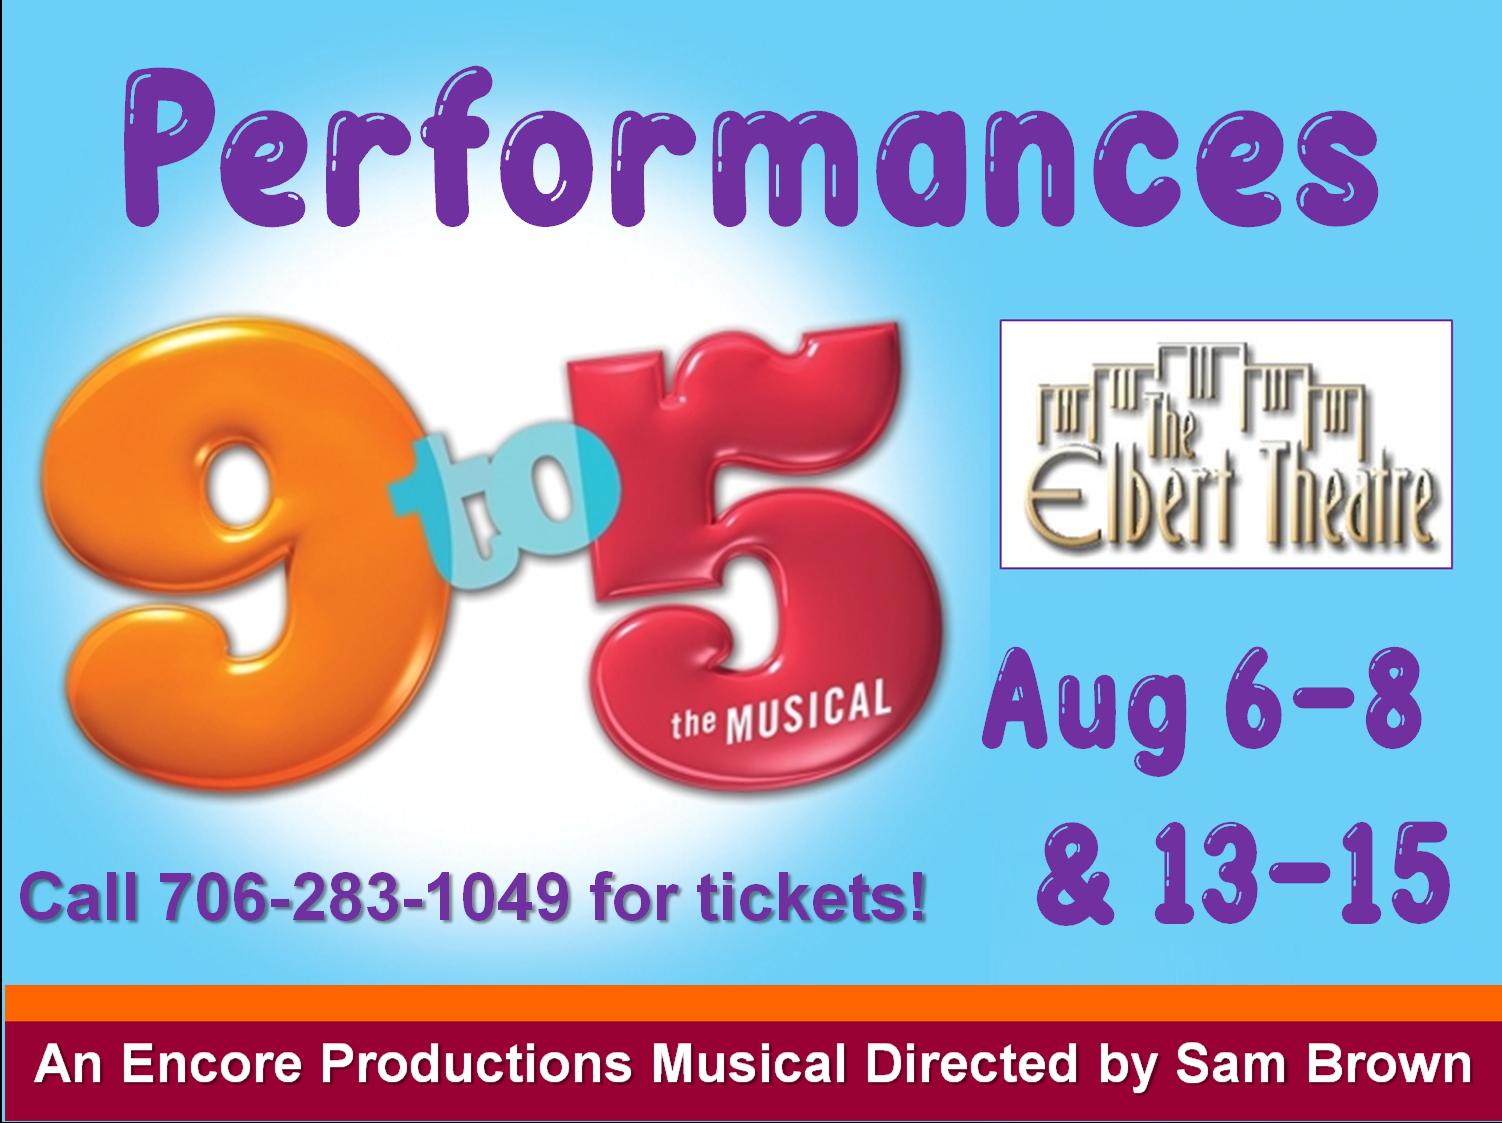 9 to 5 Performances